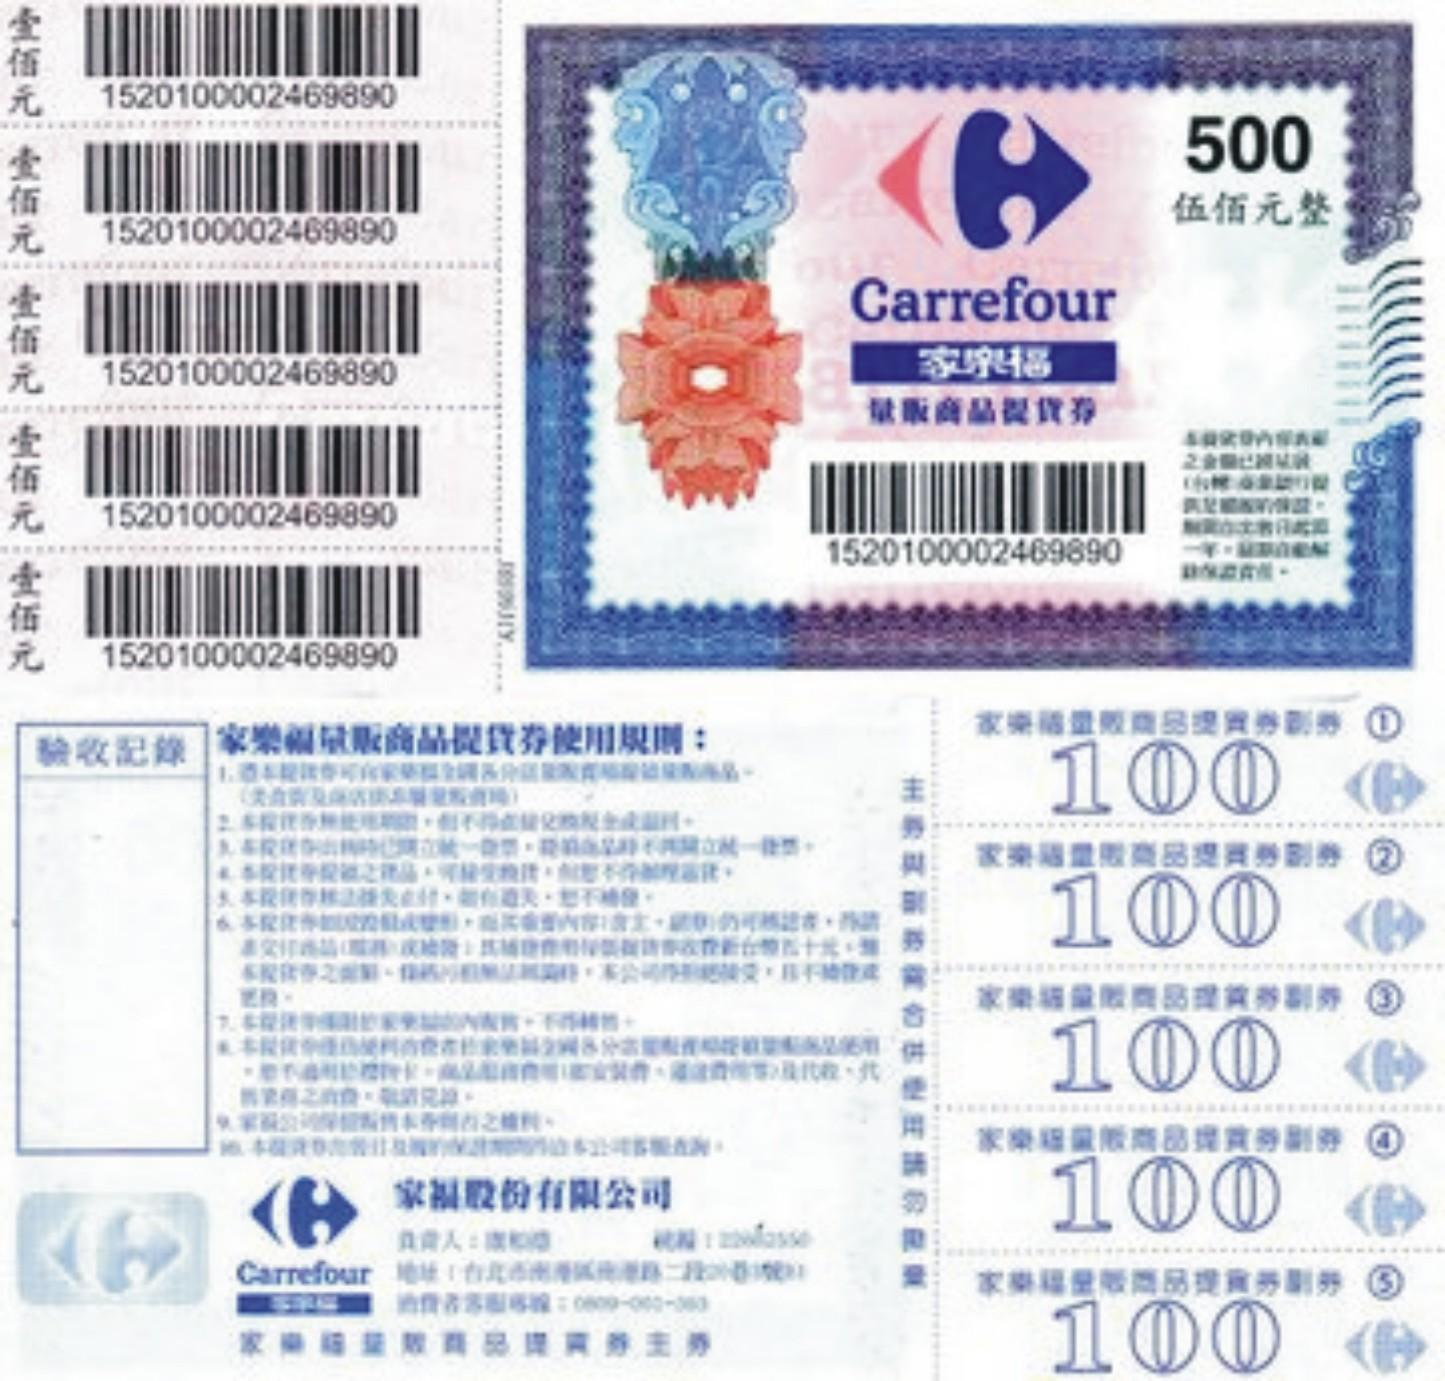 家樂福500.JPG